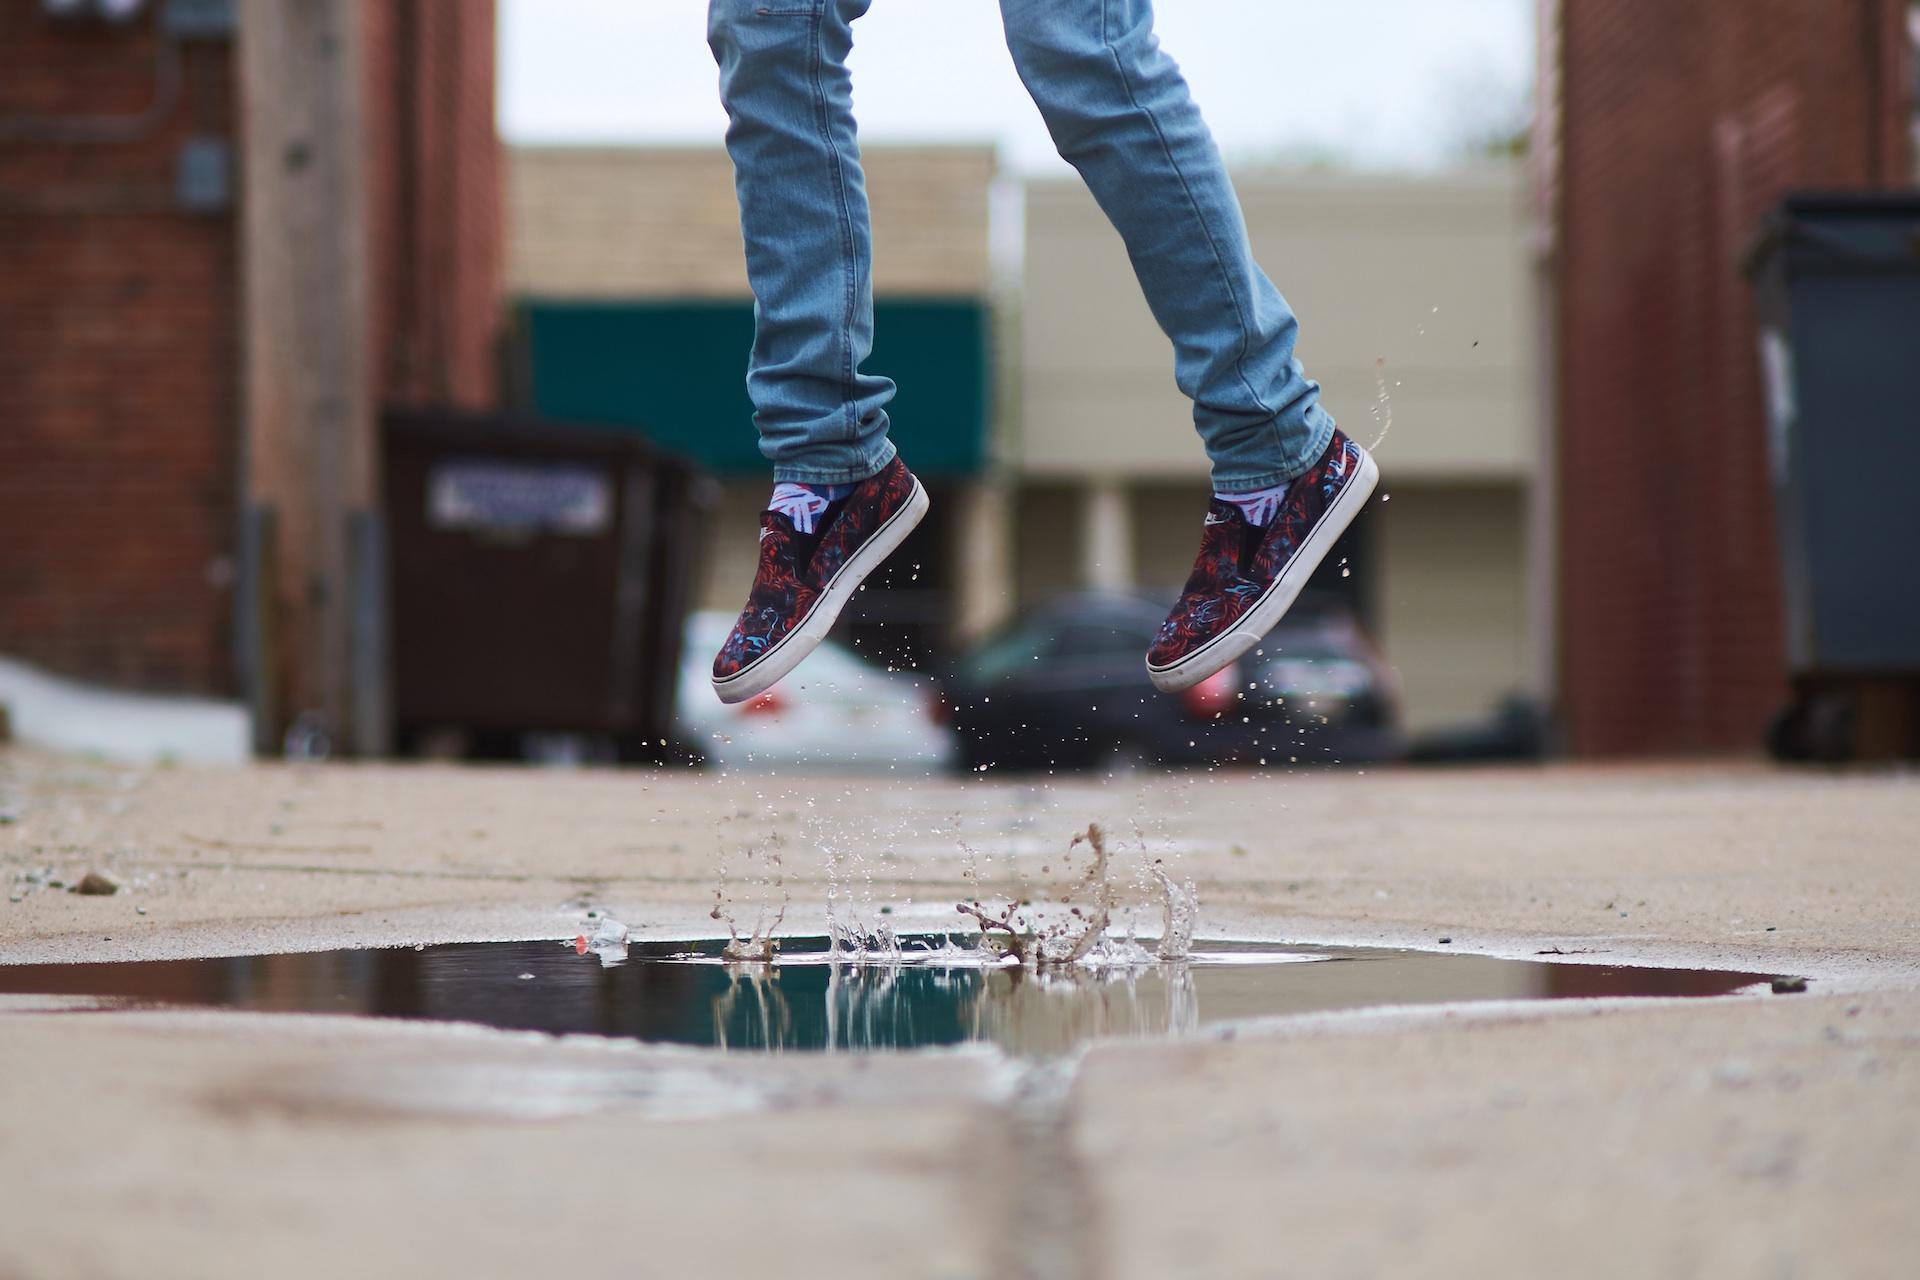 sauter, flaque d'eau, chaussures, jambes, boue, Jeans/Pantalons - Fonds d'écran HD - Professor-falken.com